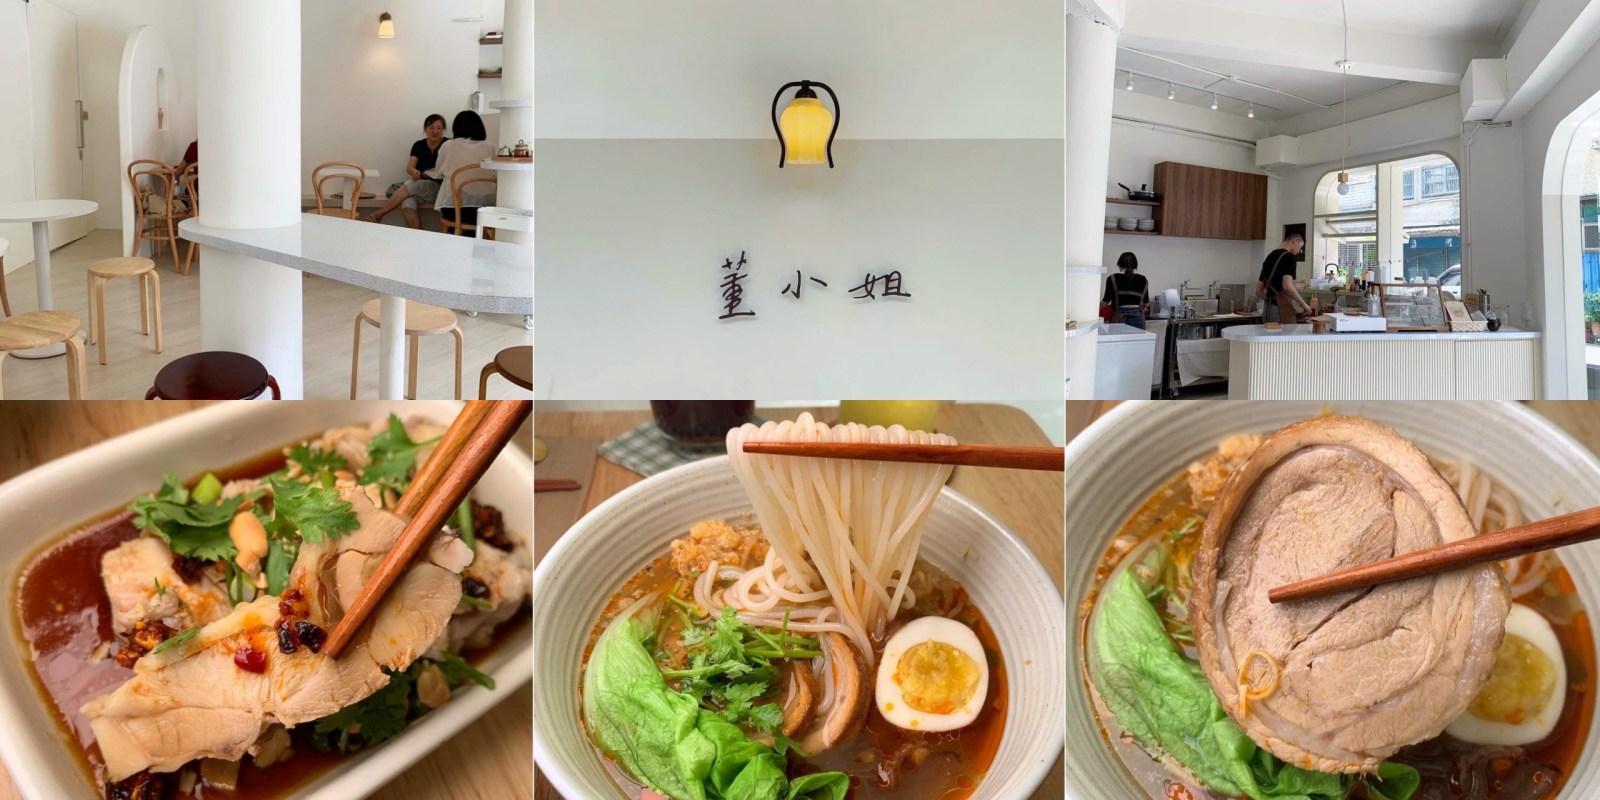 [台南美食] 董小姐 - 超美又超文青的麵店賣特別的螺獅粉!